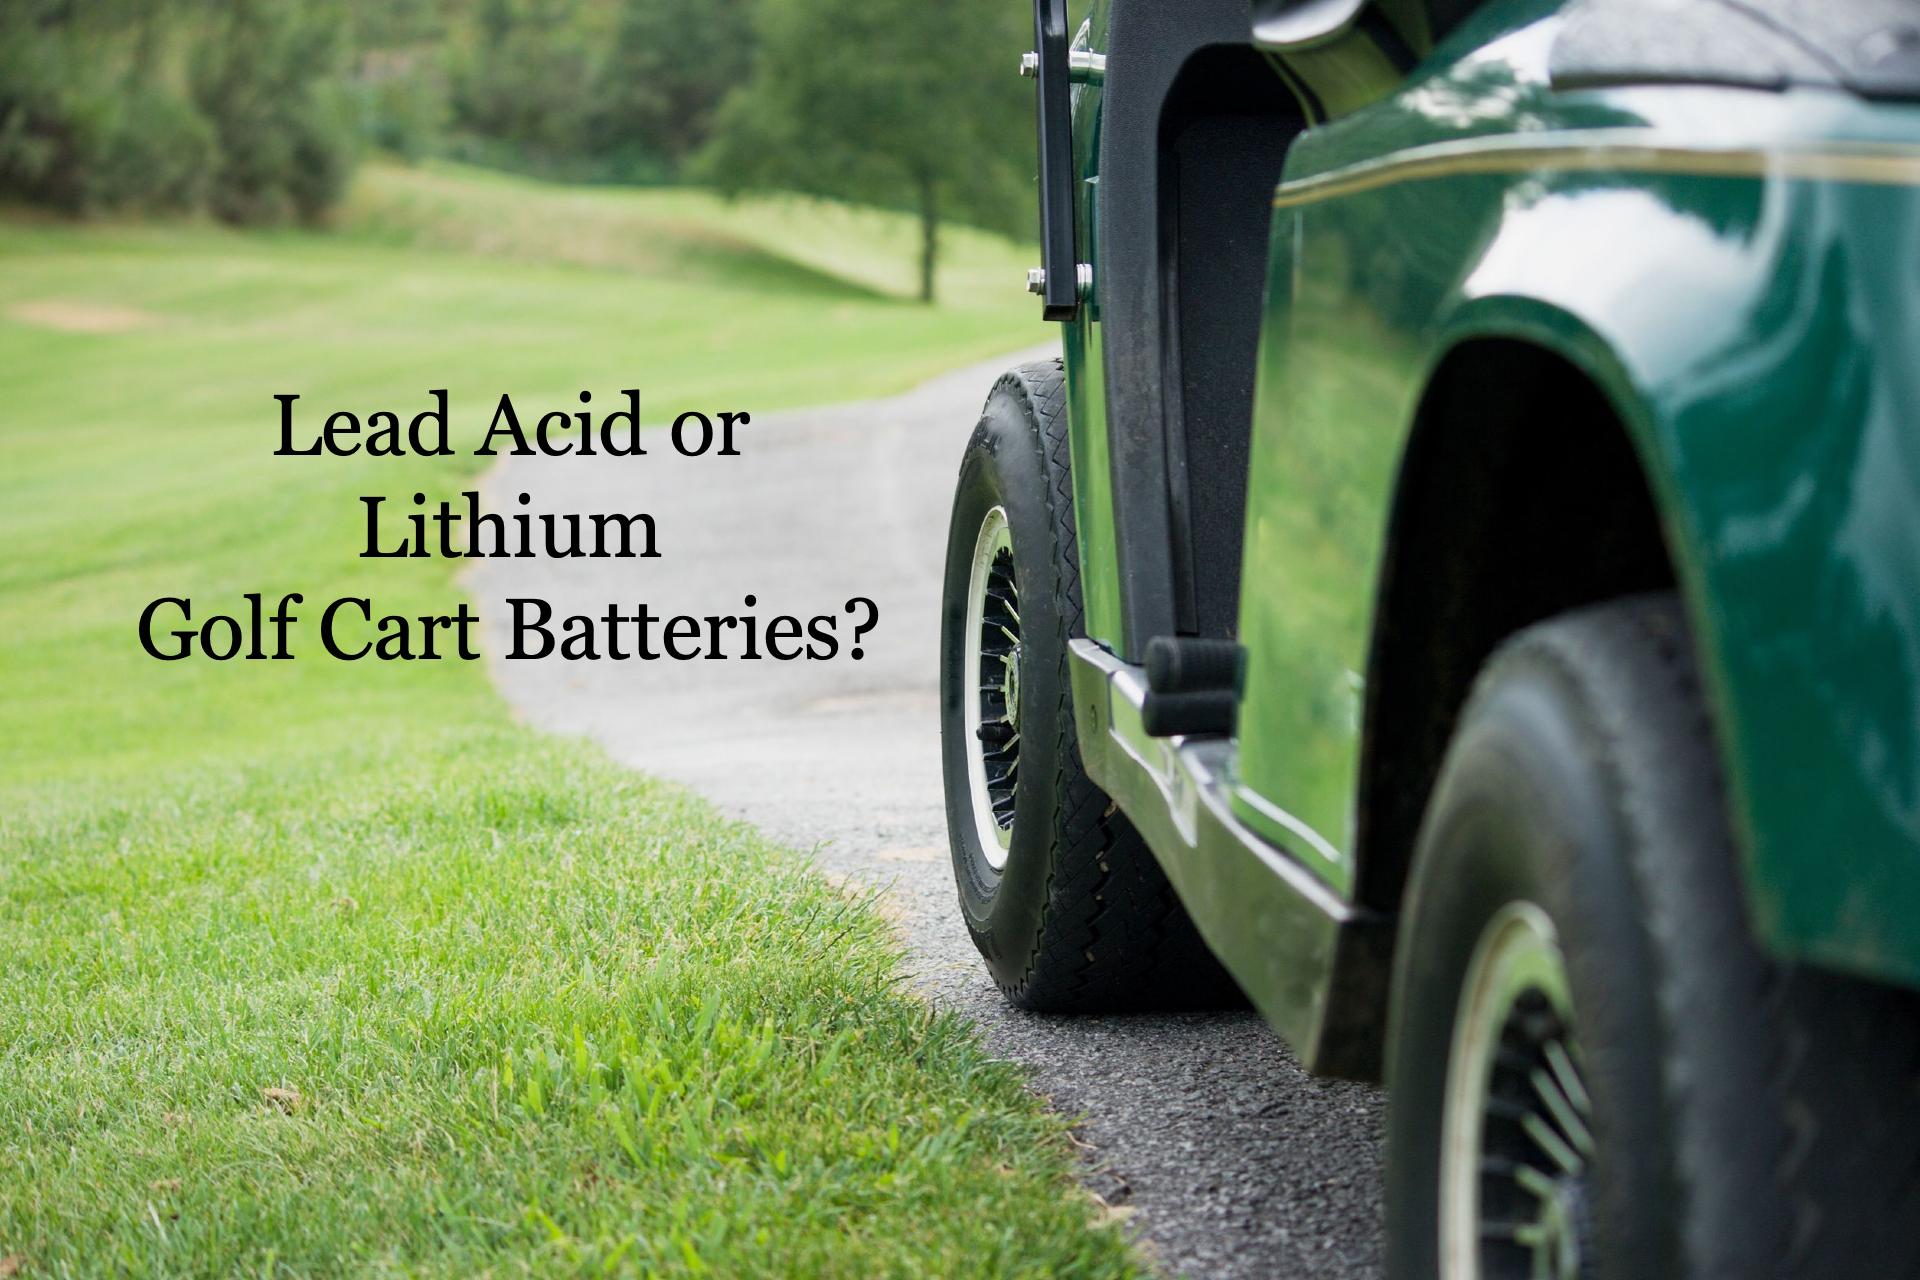 golf cart lithium batteries